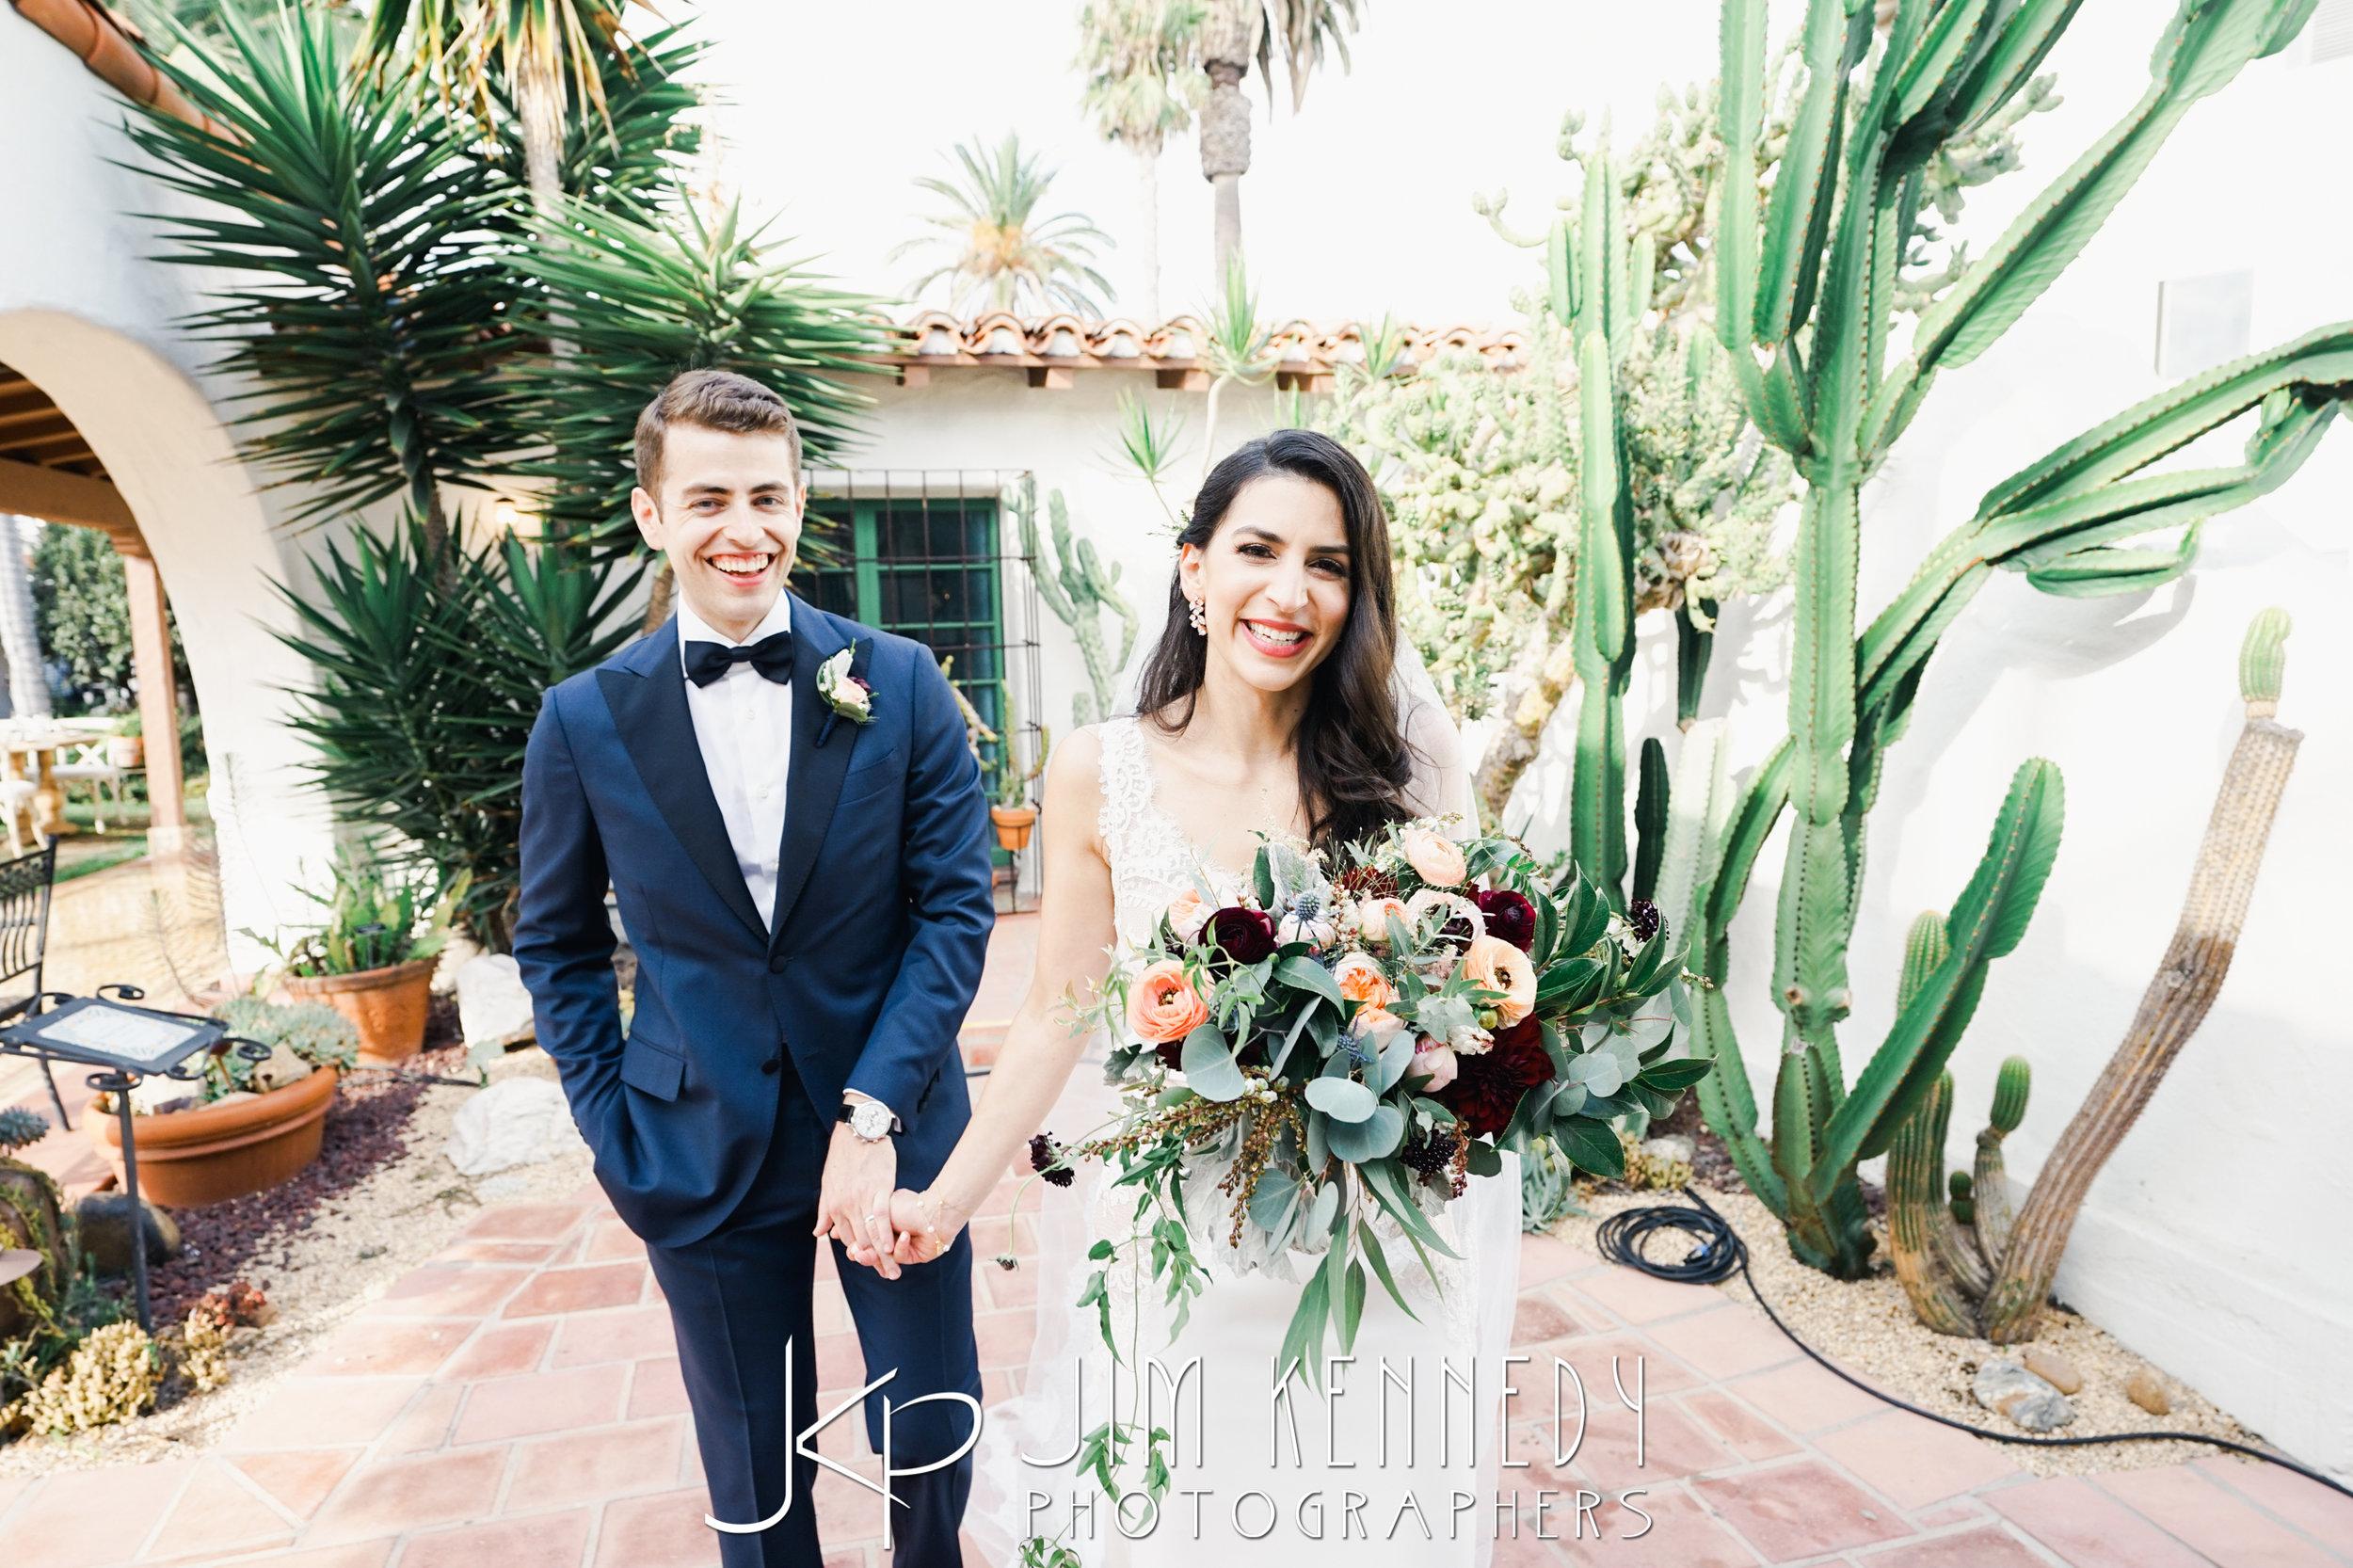 casa_romantica_wedding_marissa_0155.JPG